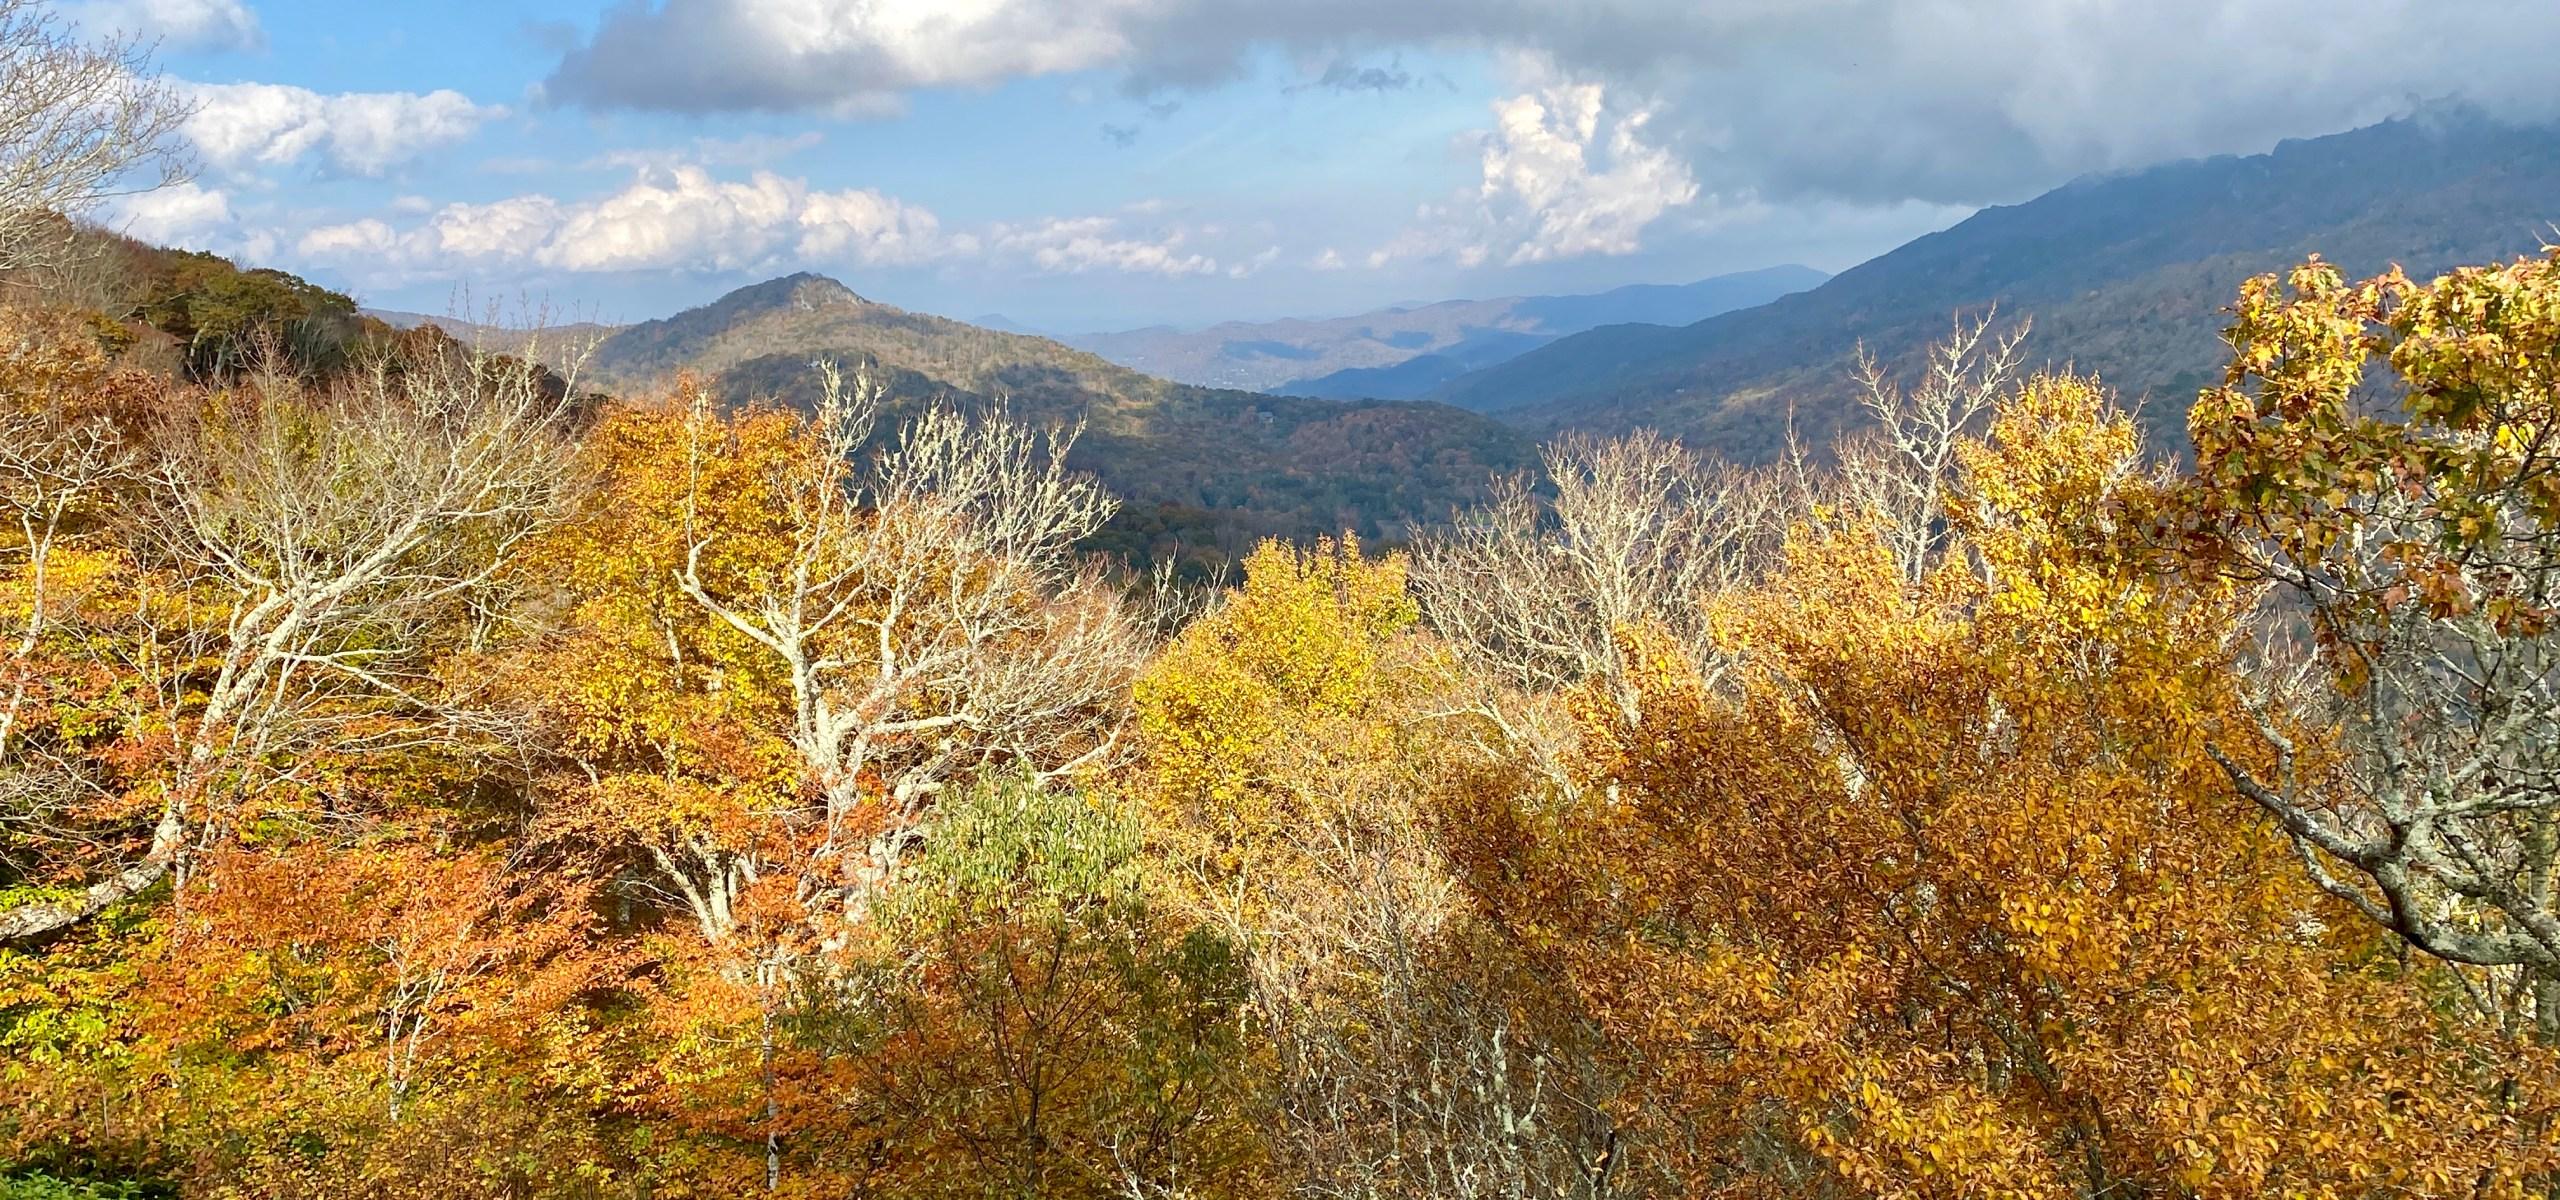 Fall color, Linville, North Carolina